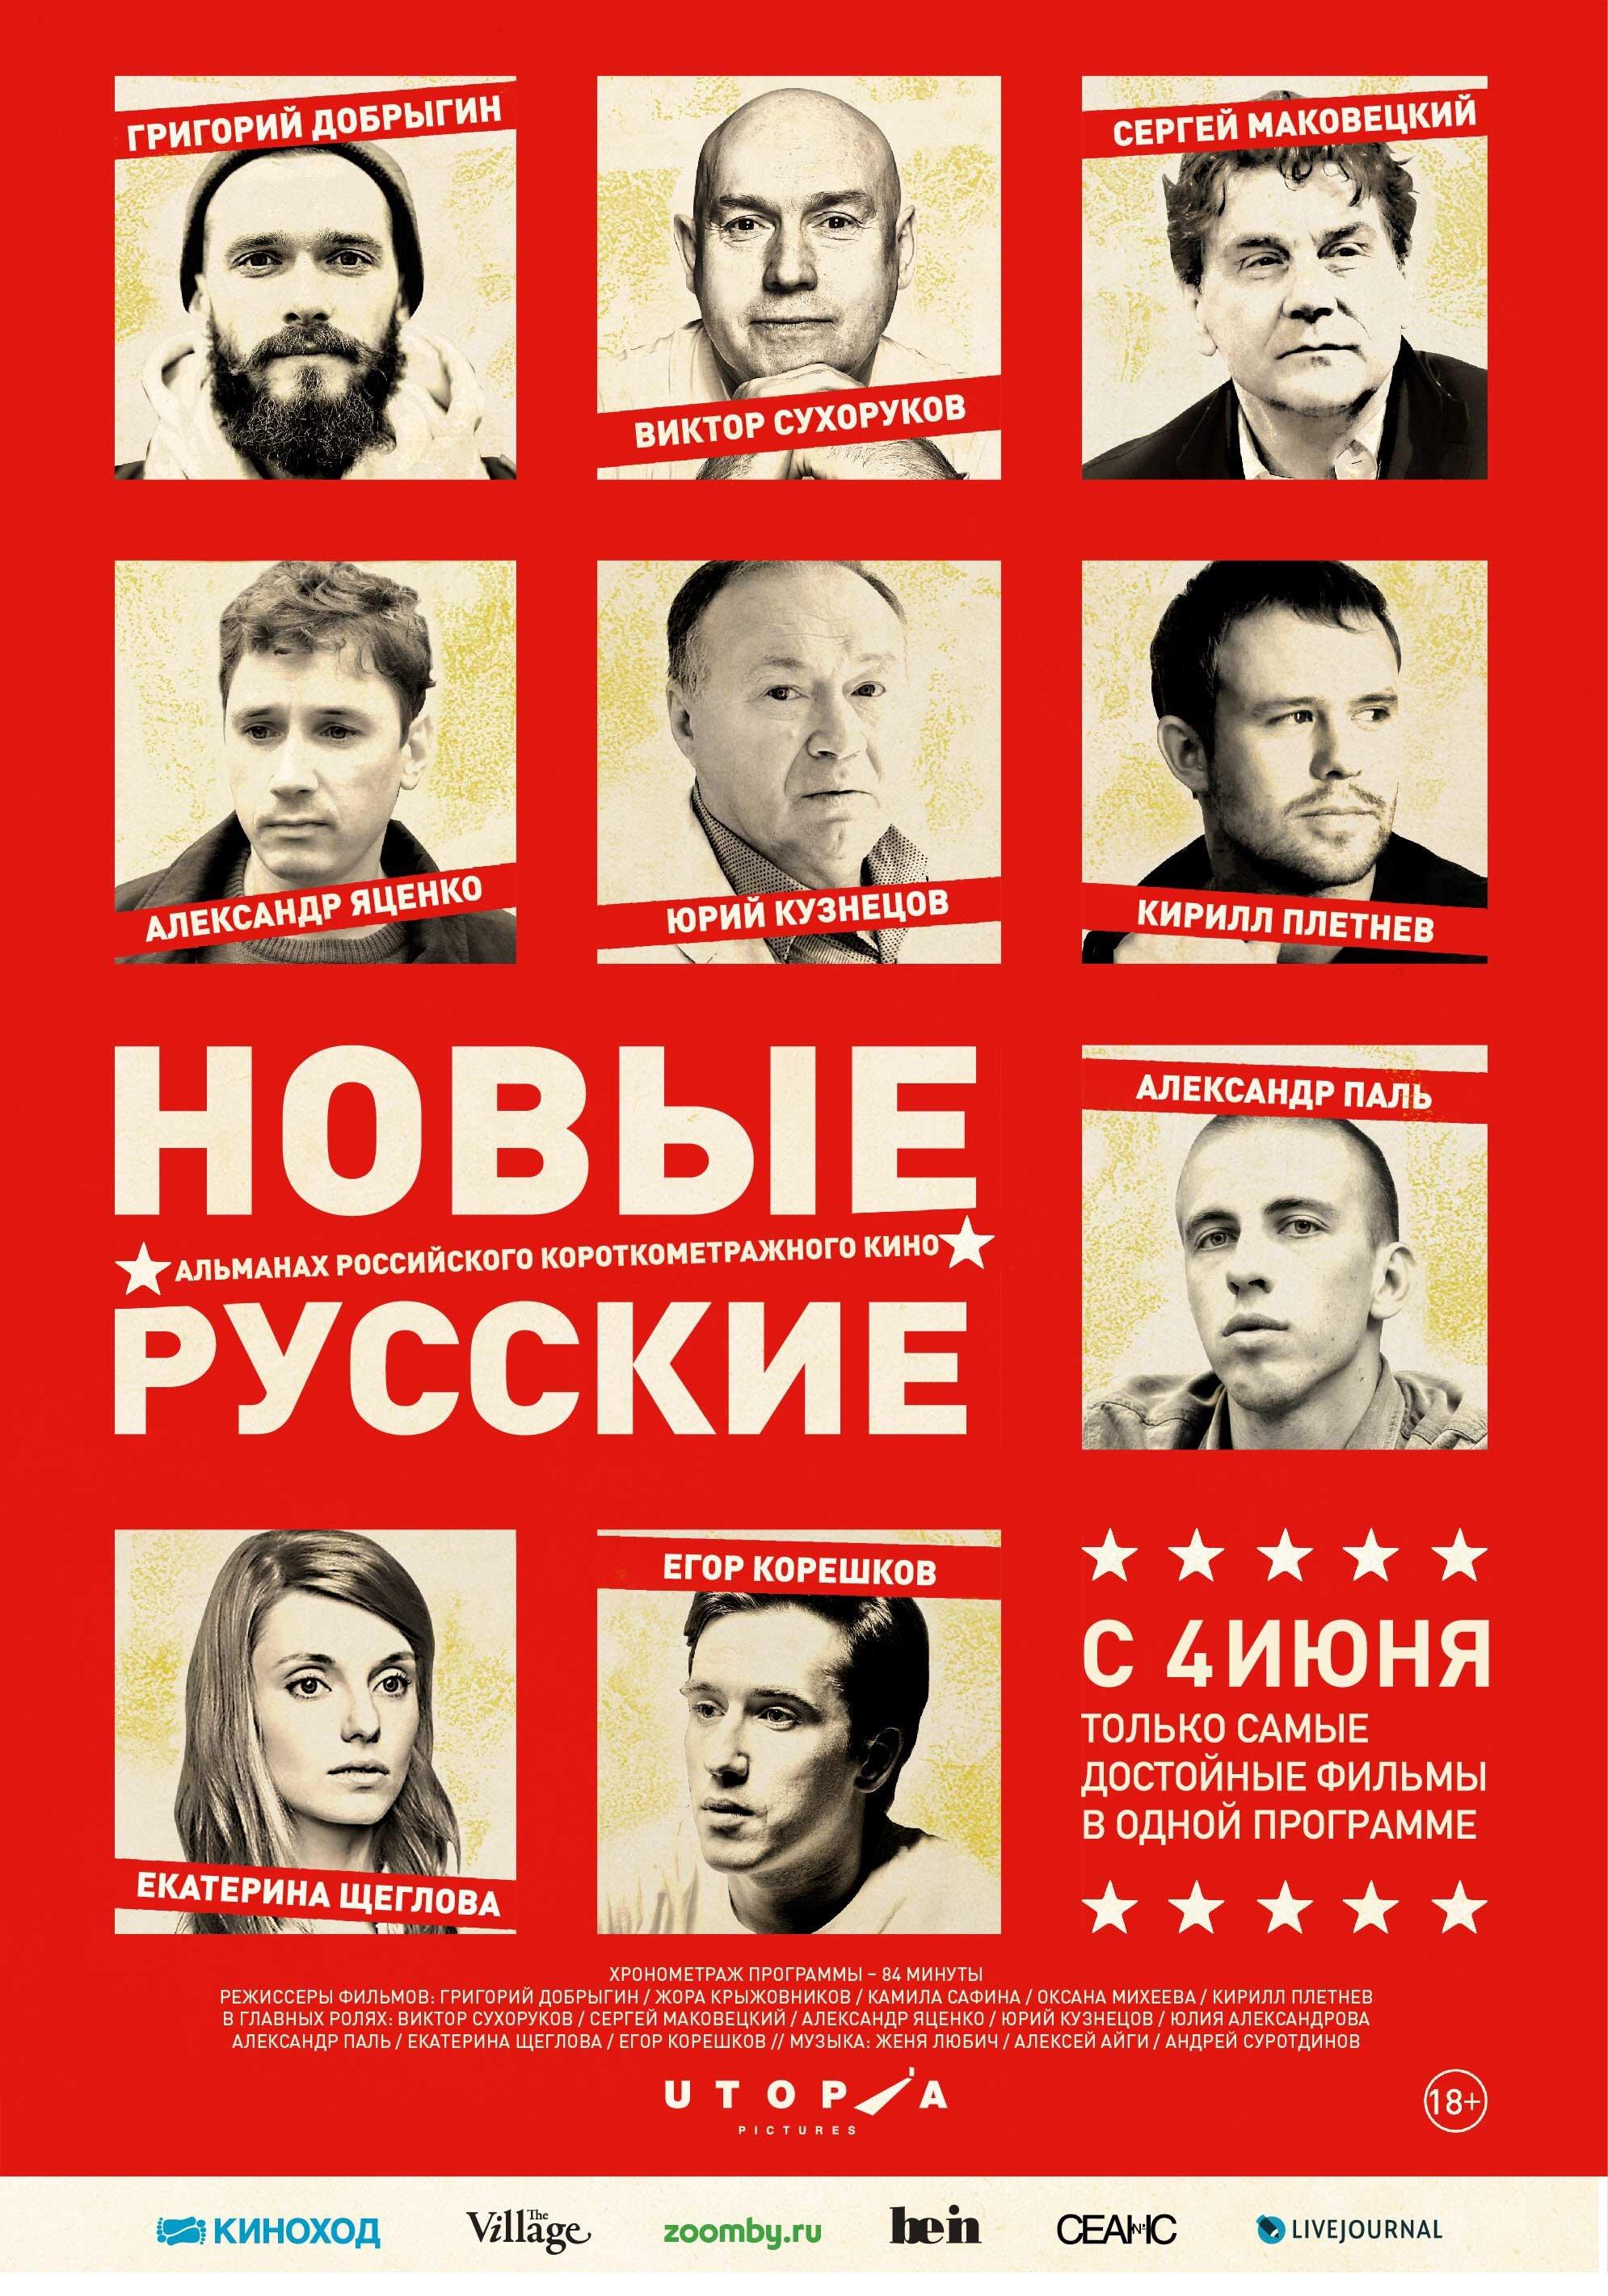 «Скачать Торрент Русские Криминальные Сериалы 2016» / 2008